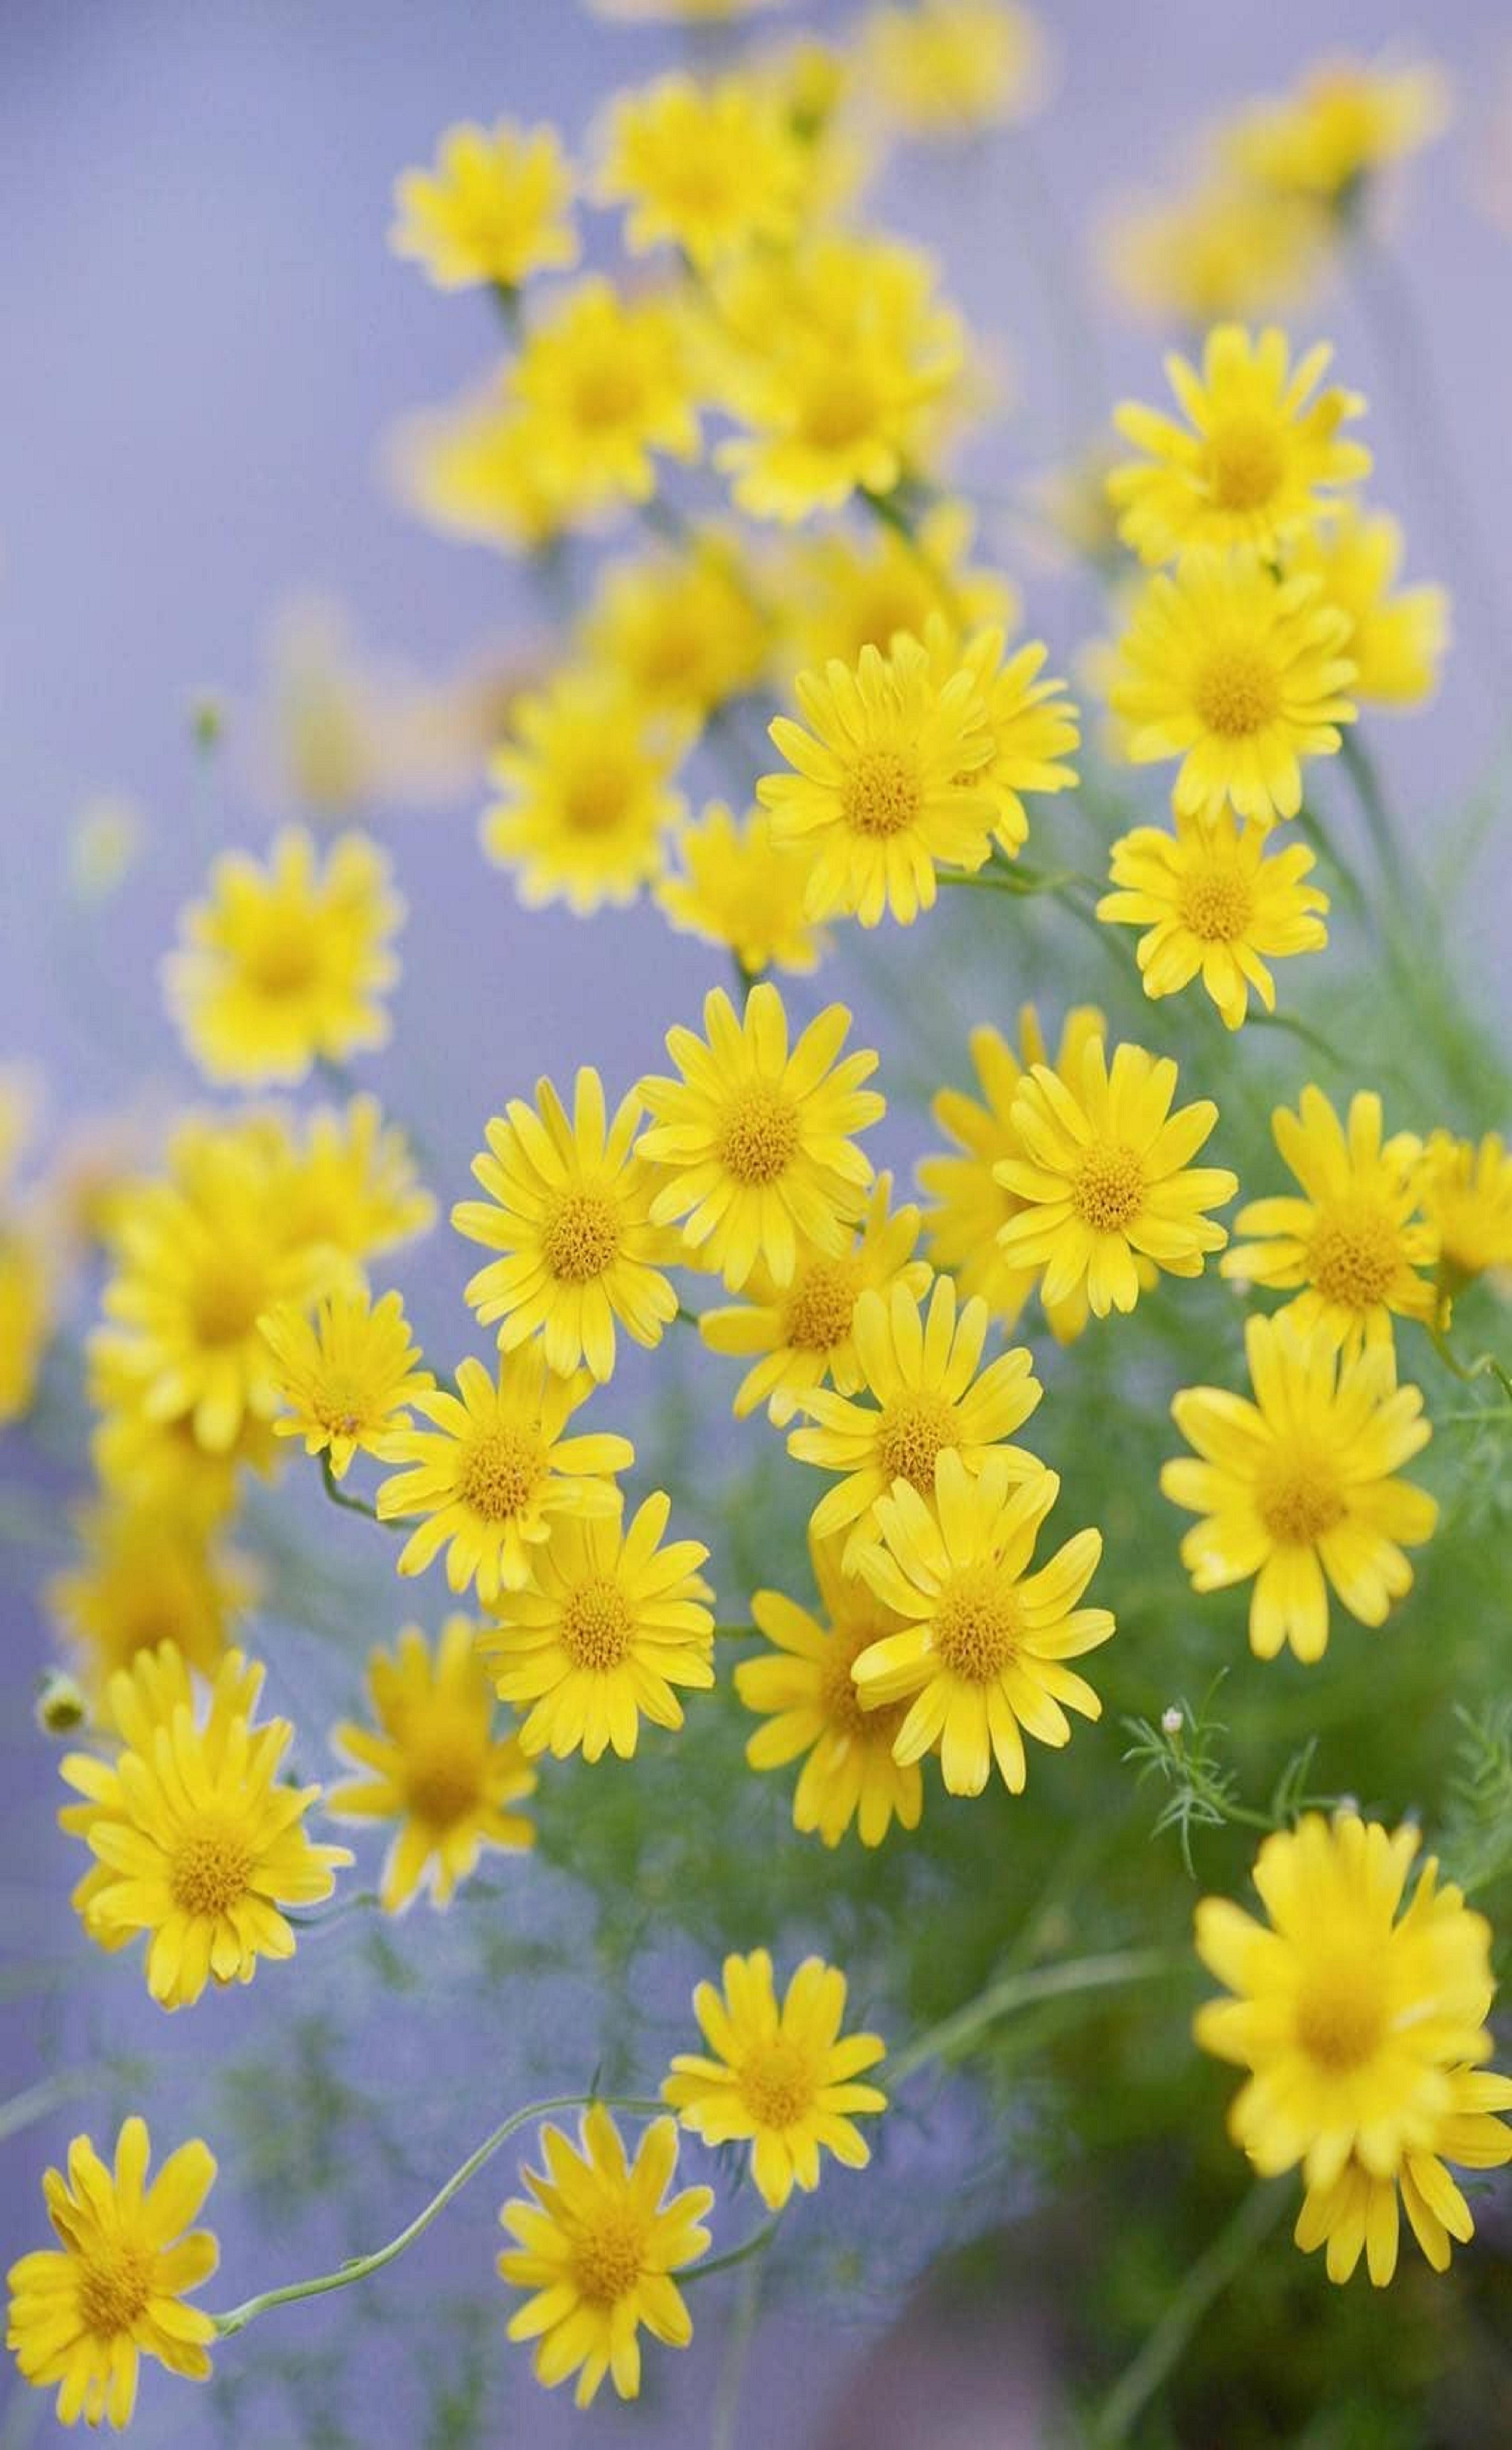 Fiori Gialli Da Giardino.Pin Di Arianna Sinatti Su Colore Di Sole Fiori Gialli Fiori E